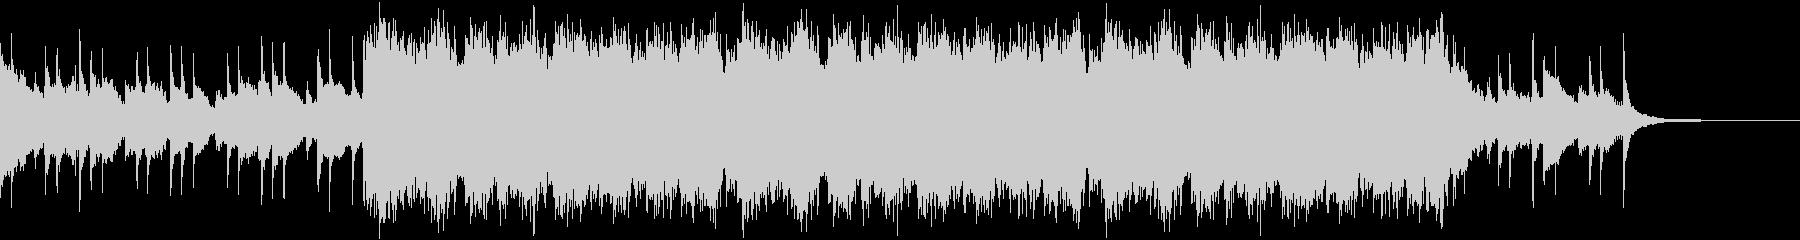 ゲーム用BGM(アジア民族楽器)の未再生の波形